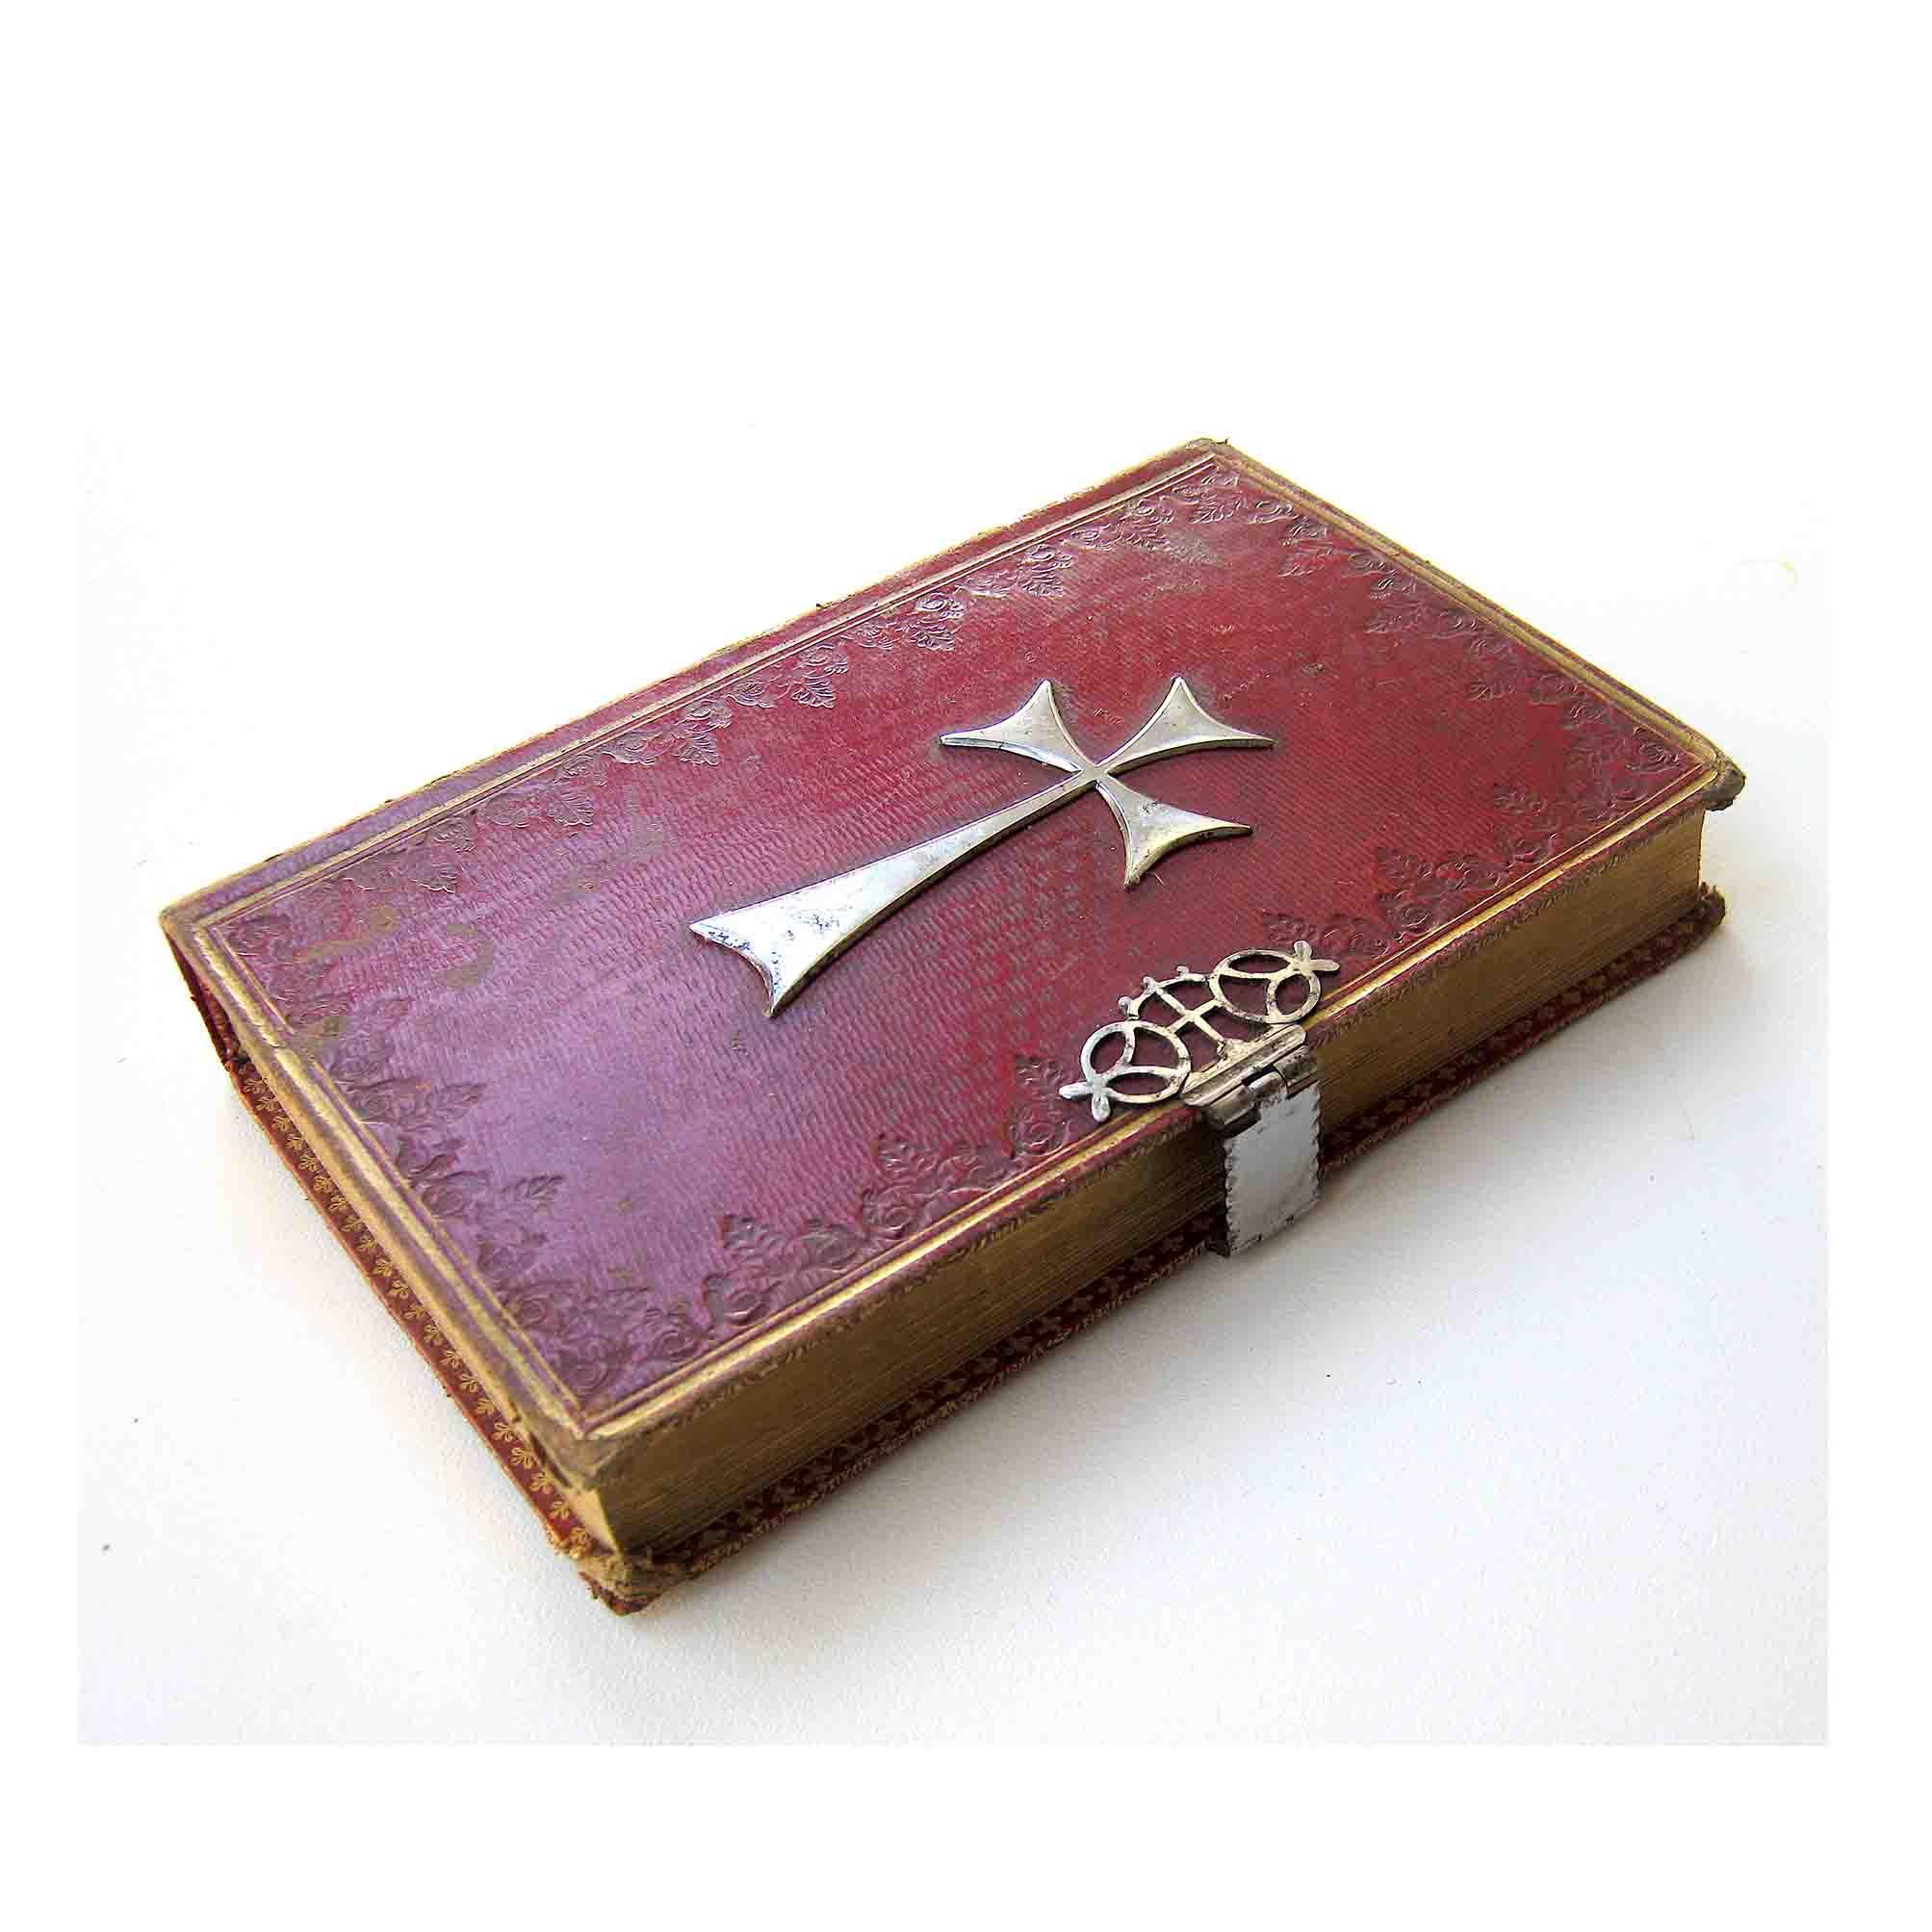 5670-Gebetbuch-Griechisch-Wien-1835-Einband-Schliesse-A-N.jpg